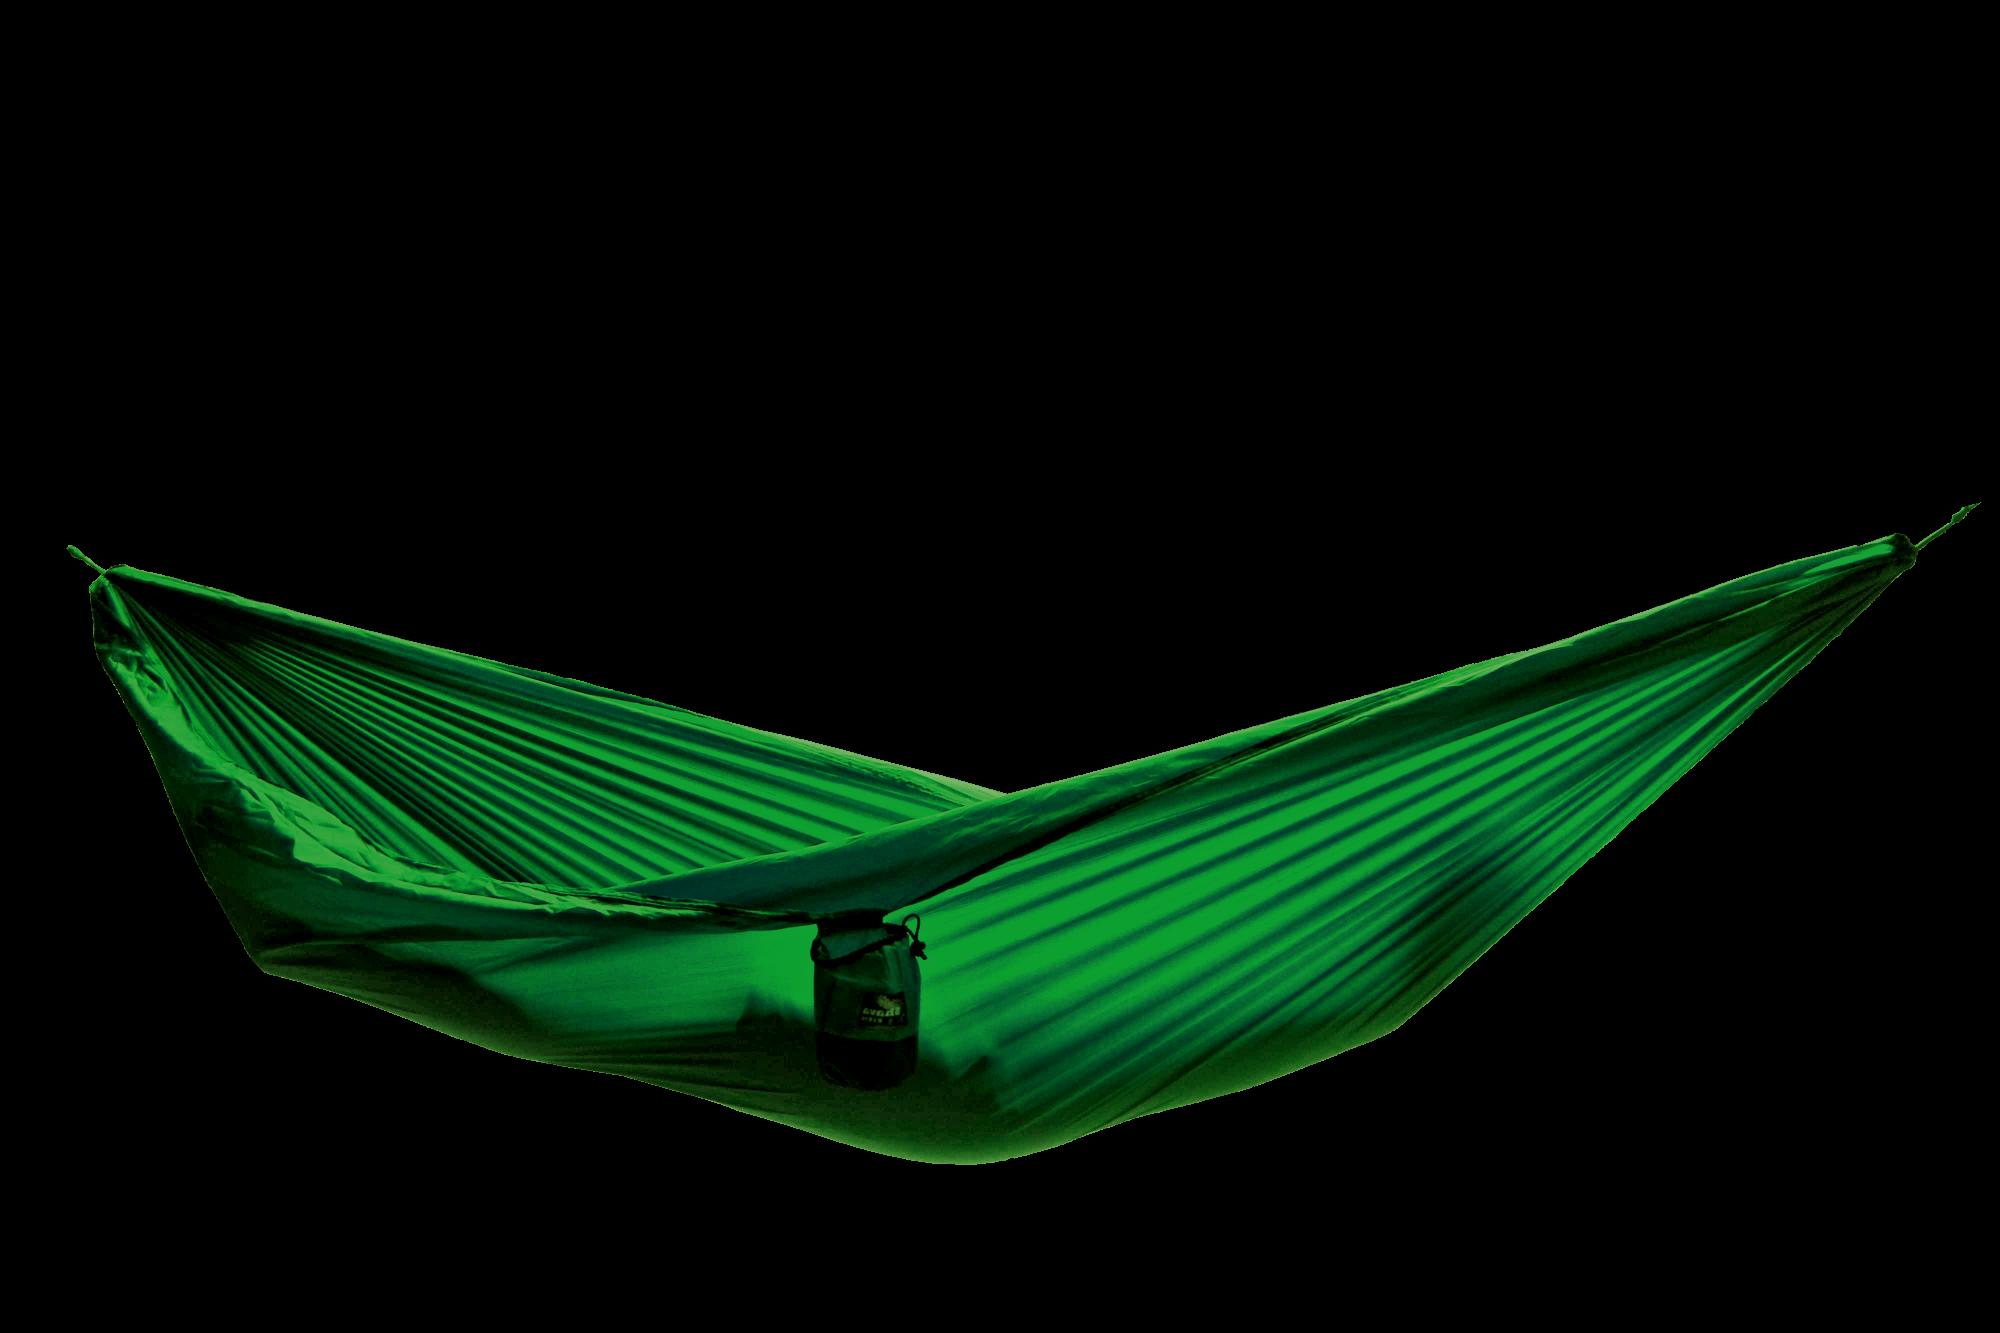 Гамак Elite зеленый